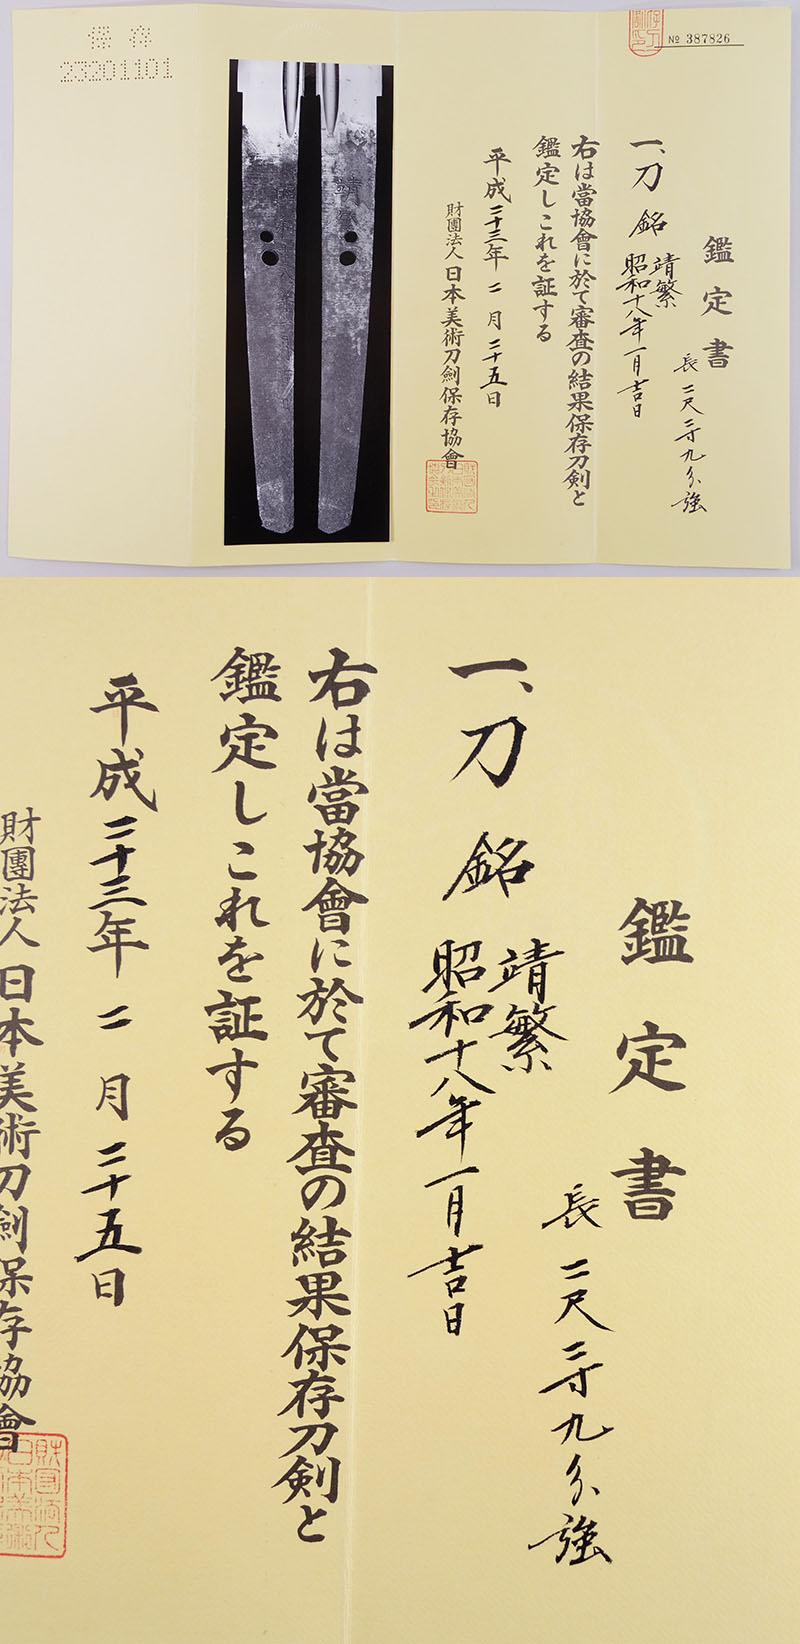 靖繁(阿部 靖繁) Picture of Certificate